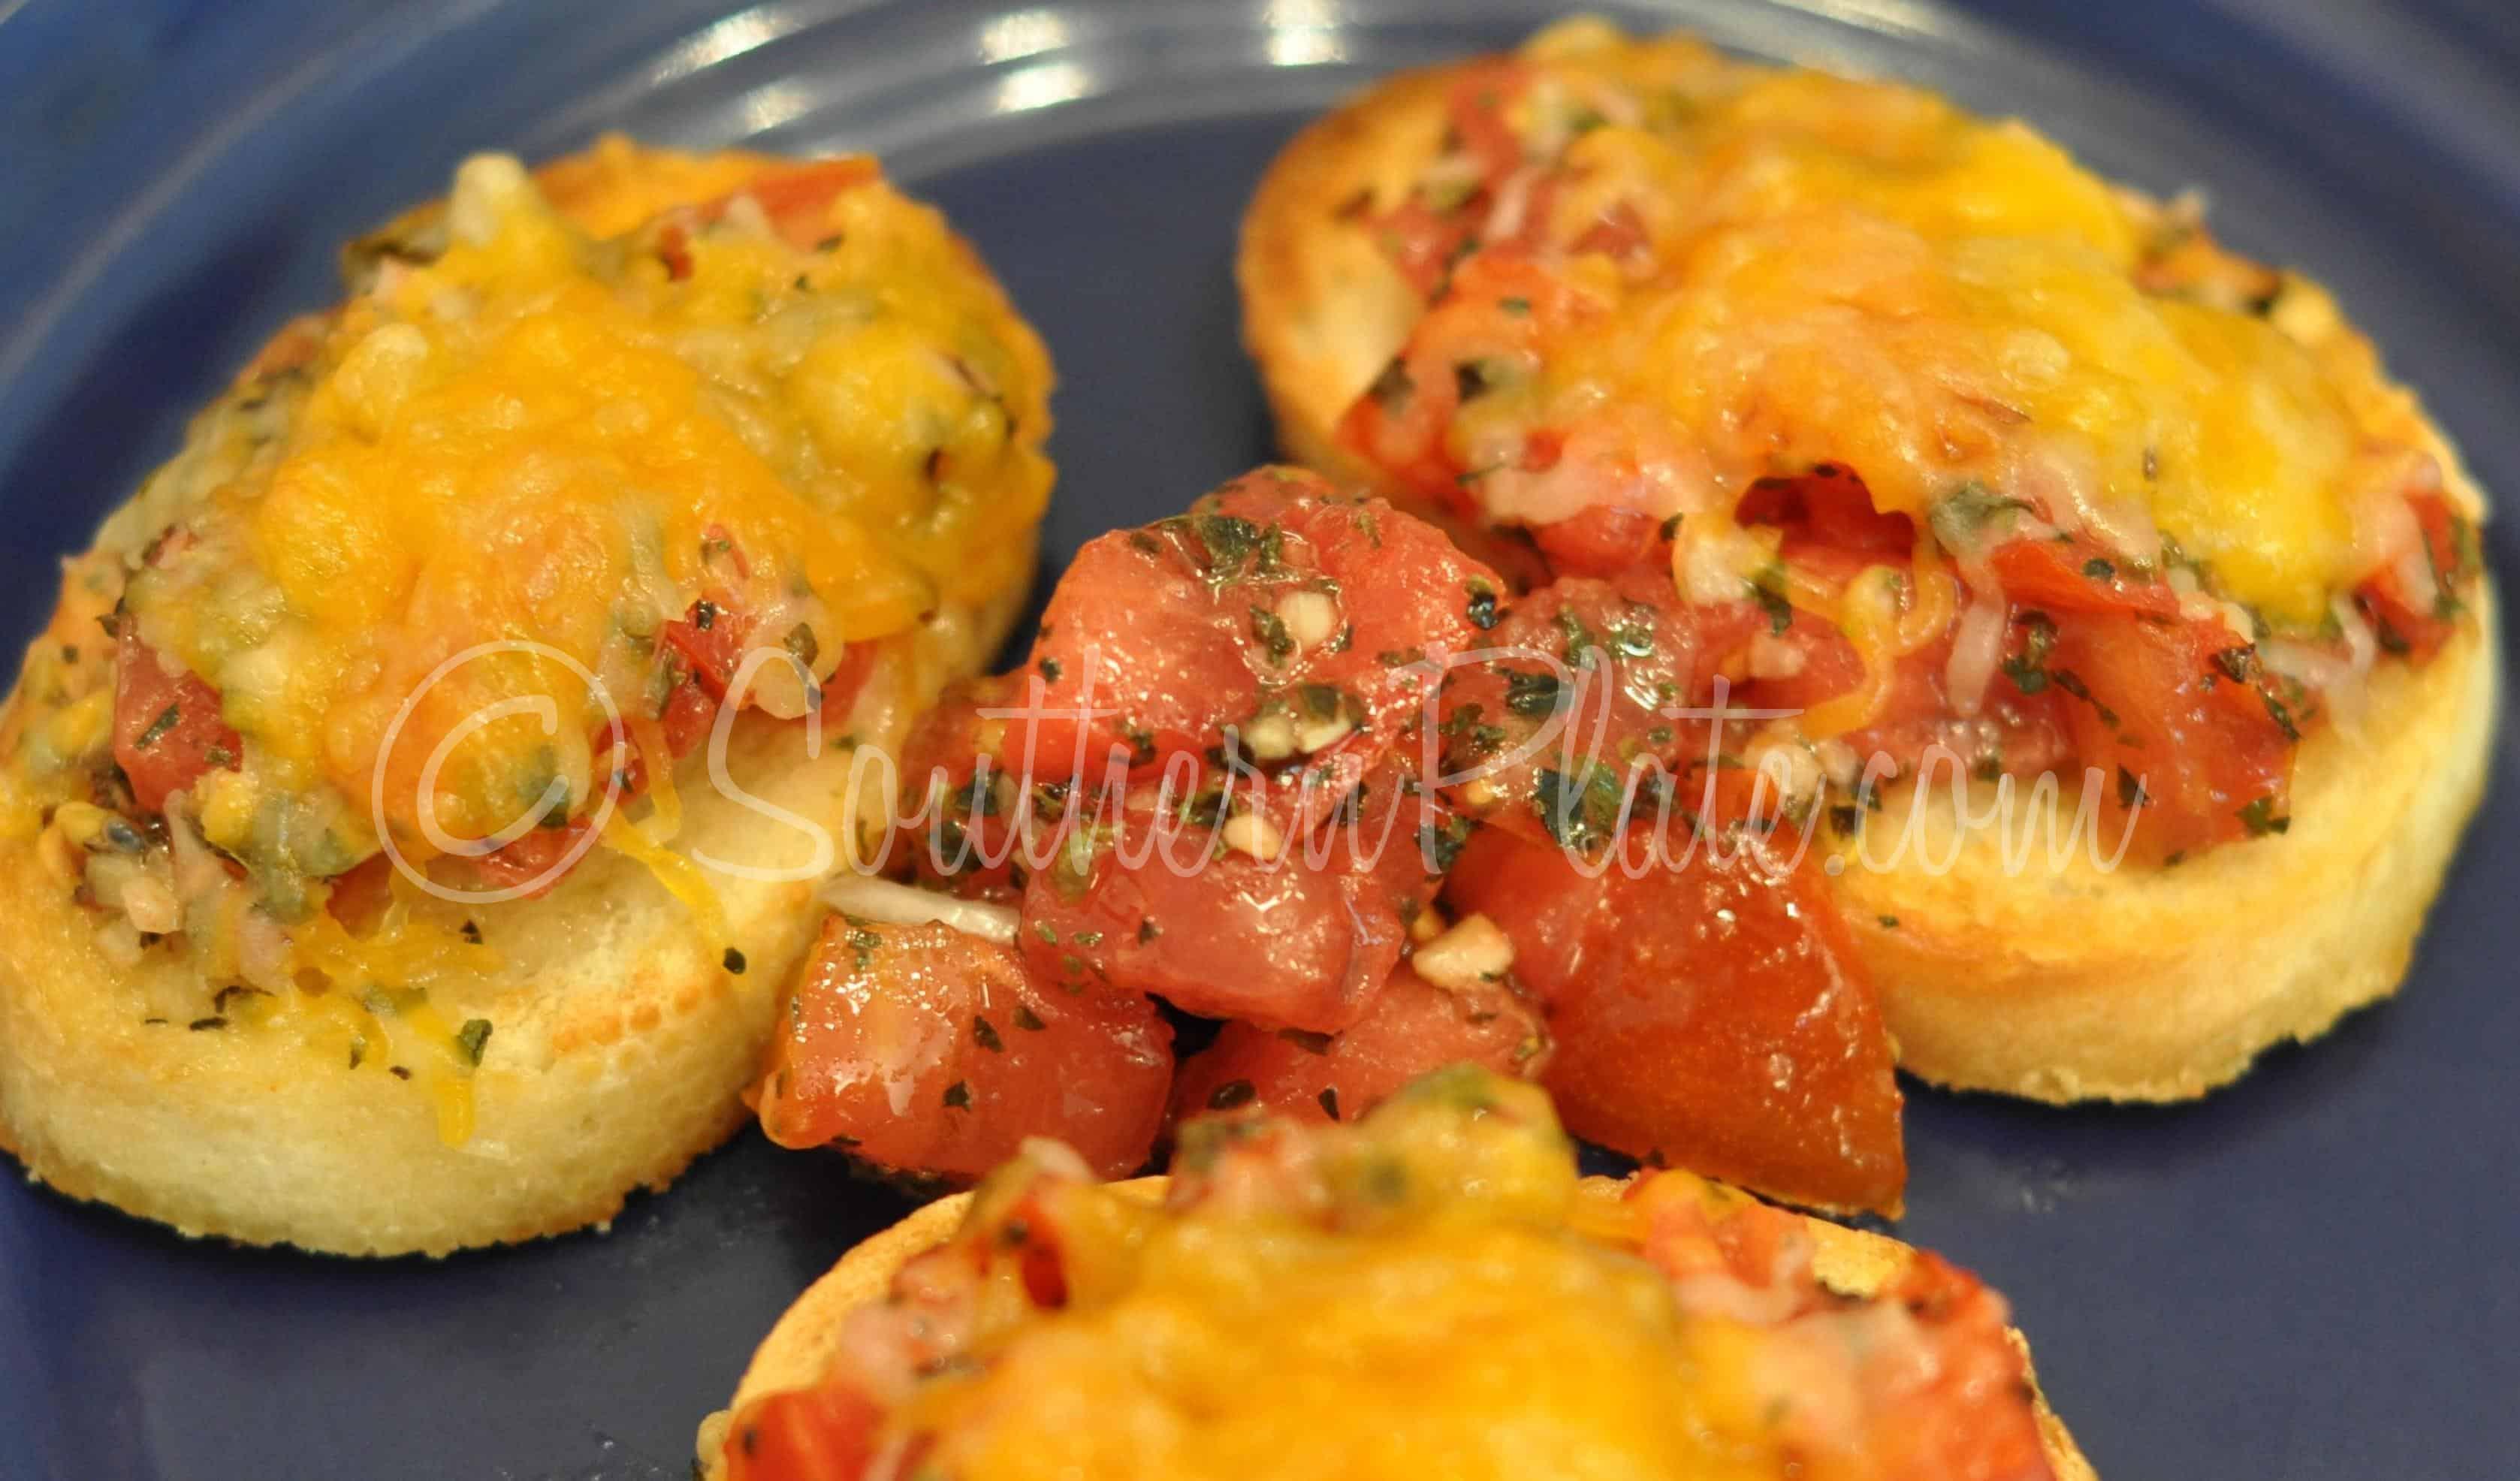 Bruschetta (Tomato Stuff On Bread)